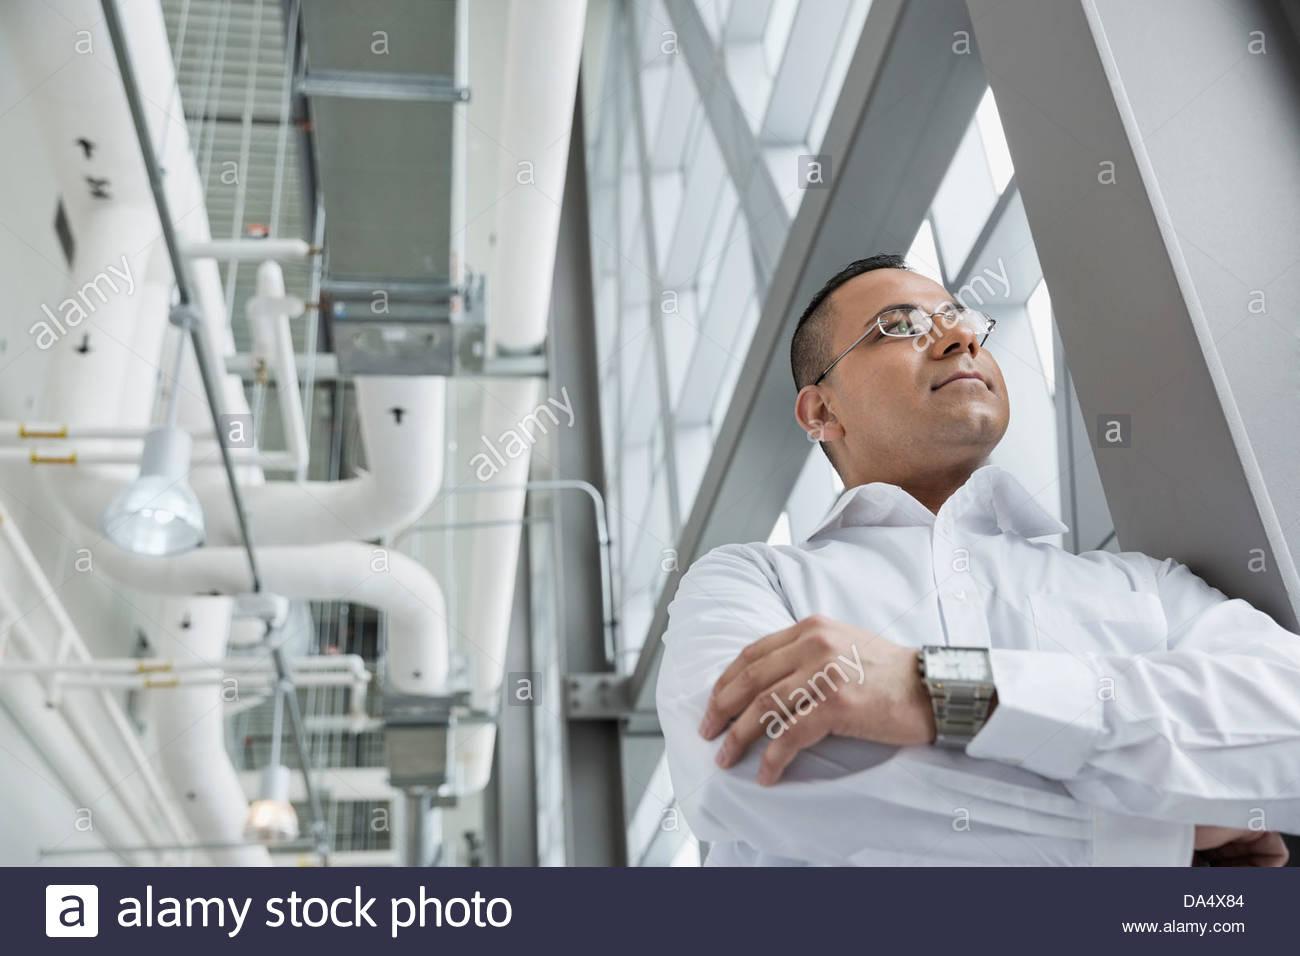 Basso angolo di visione di imprenditore in piedi in edificio per uffici Immagini Stock